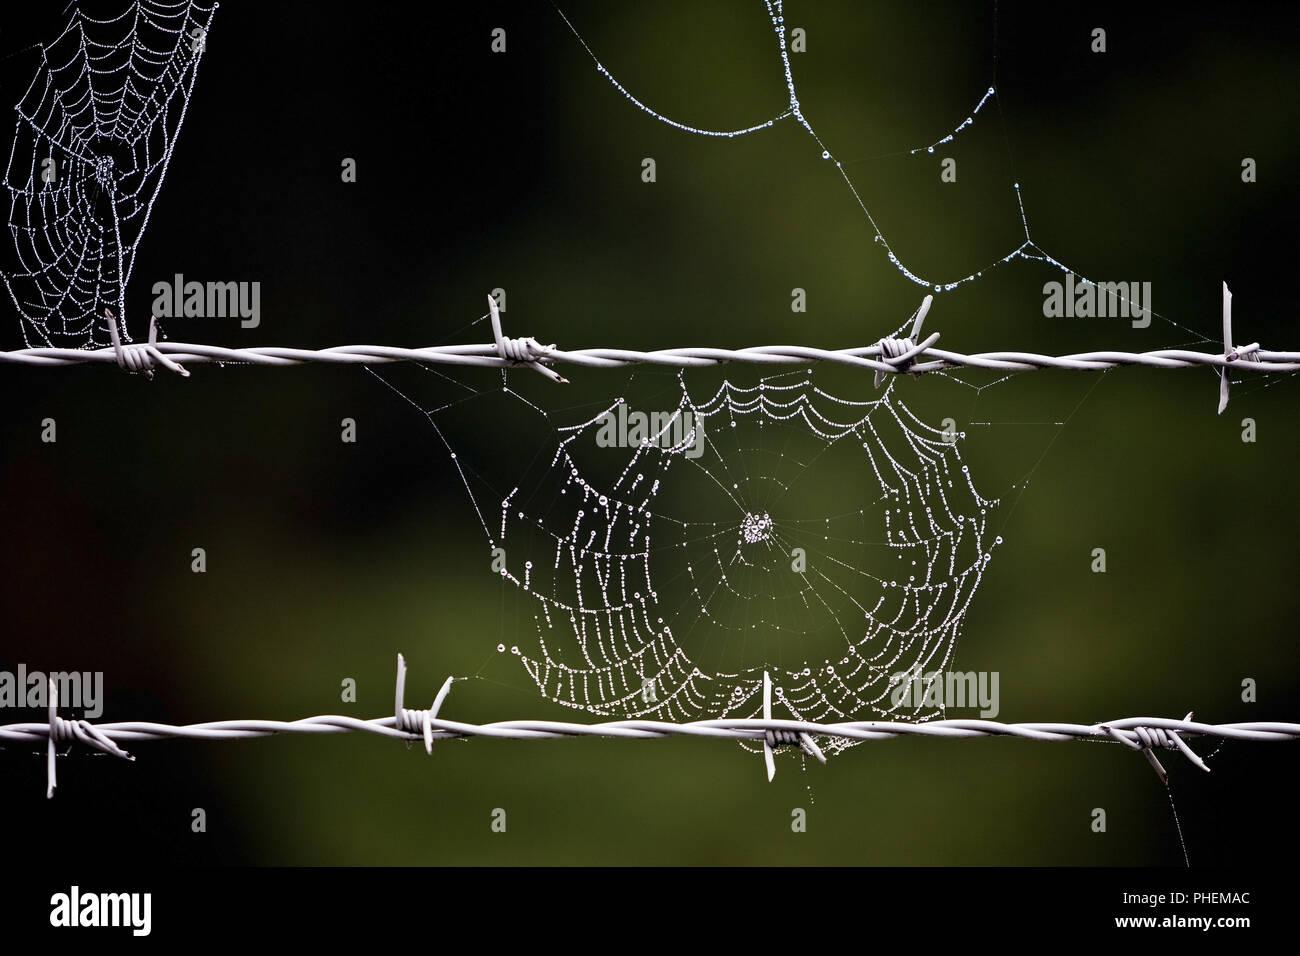 Alambre de púas y tela de araña, Bruehl, Renania del Norte-Westfalia, Alemania, Europa Imagen De Stock